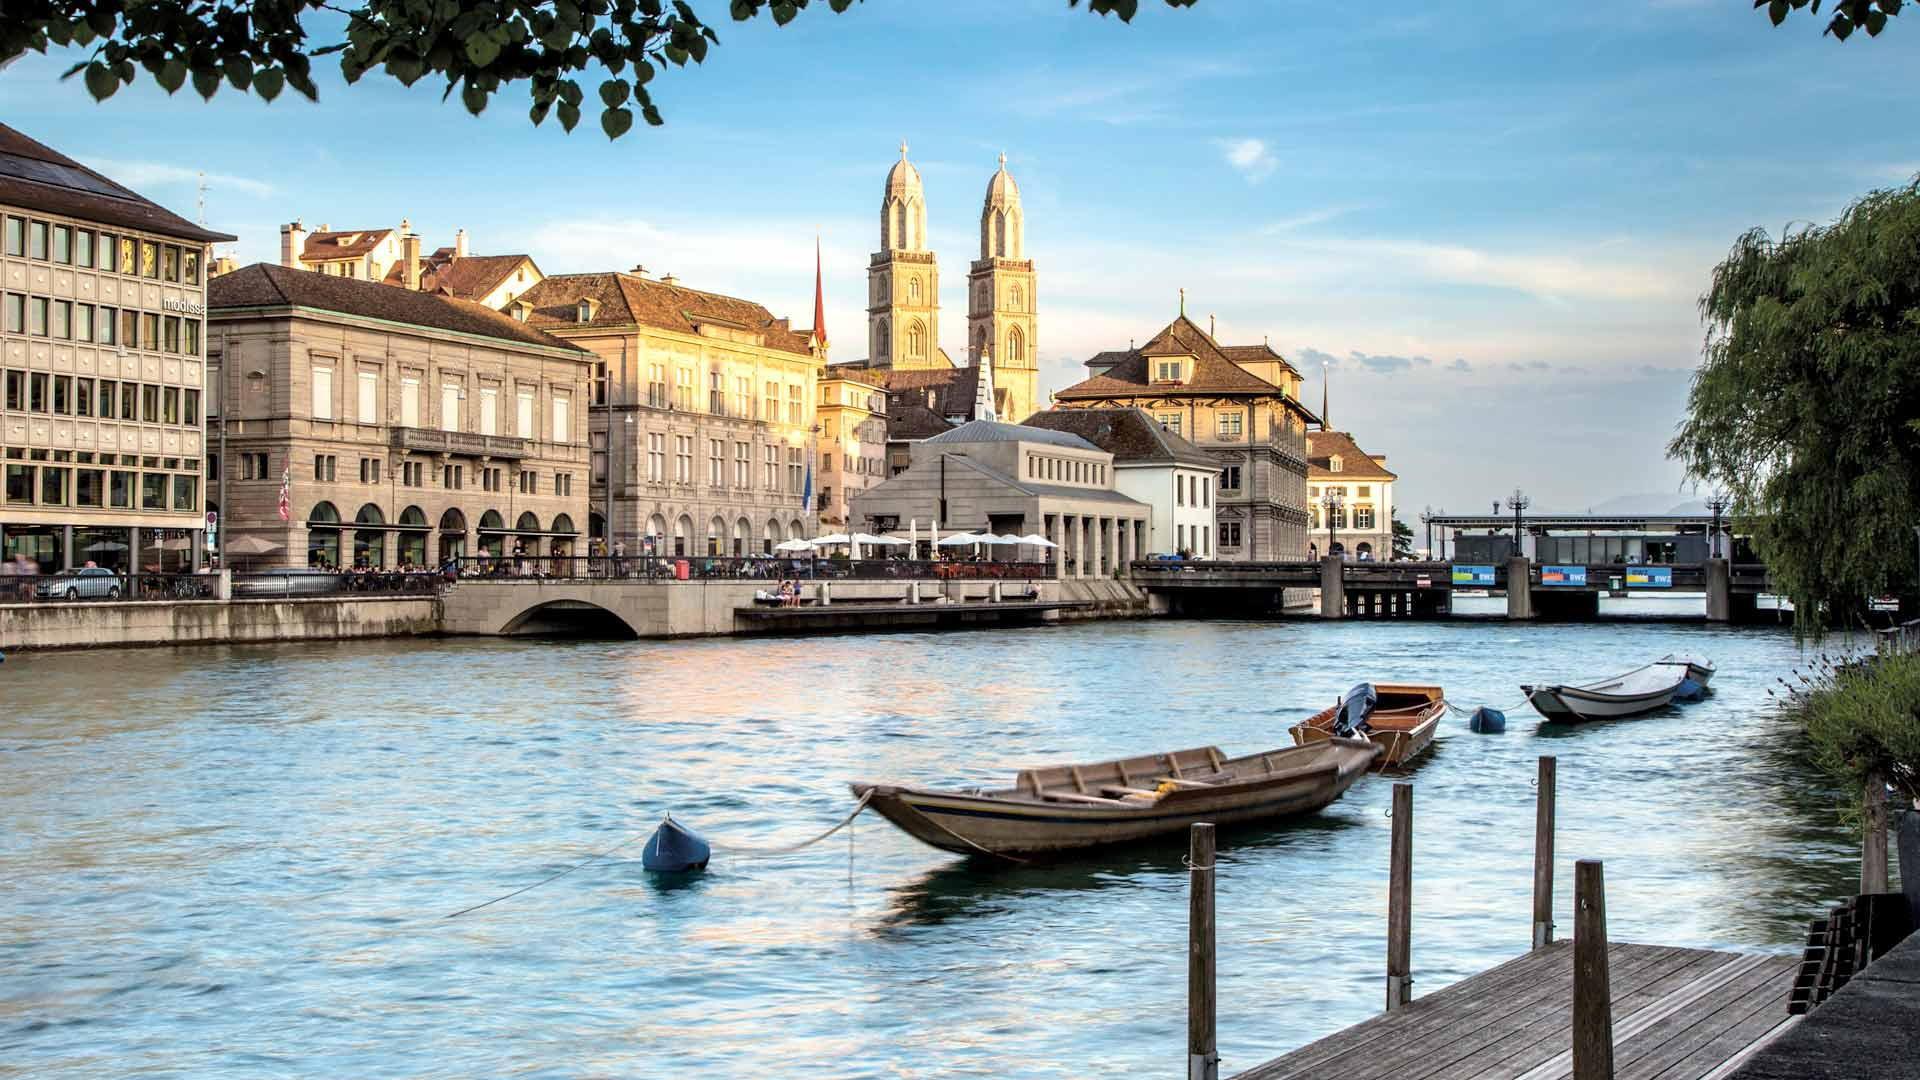 ЇЇ звати Швейцарія . Цюрих, Зальцбург, замок Нойшванштайн, Мюнхен. До дня 8 березня